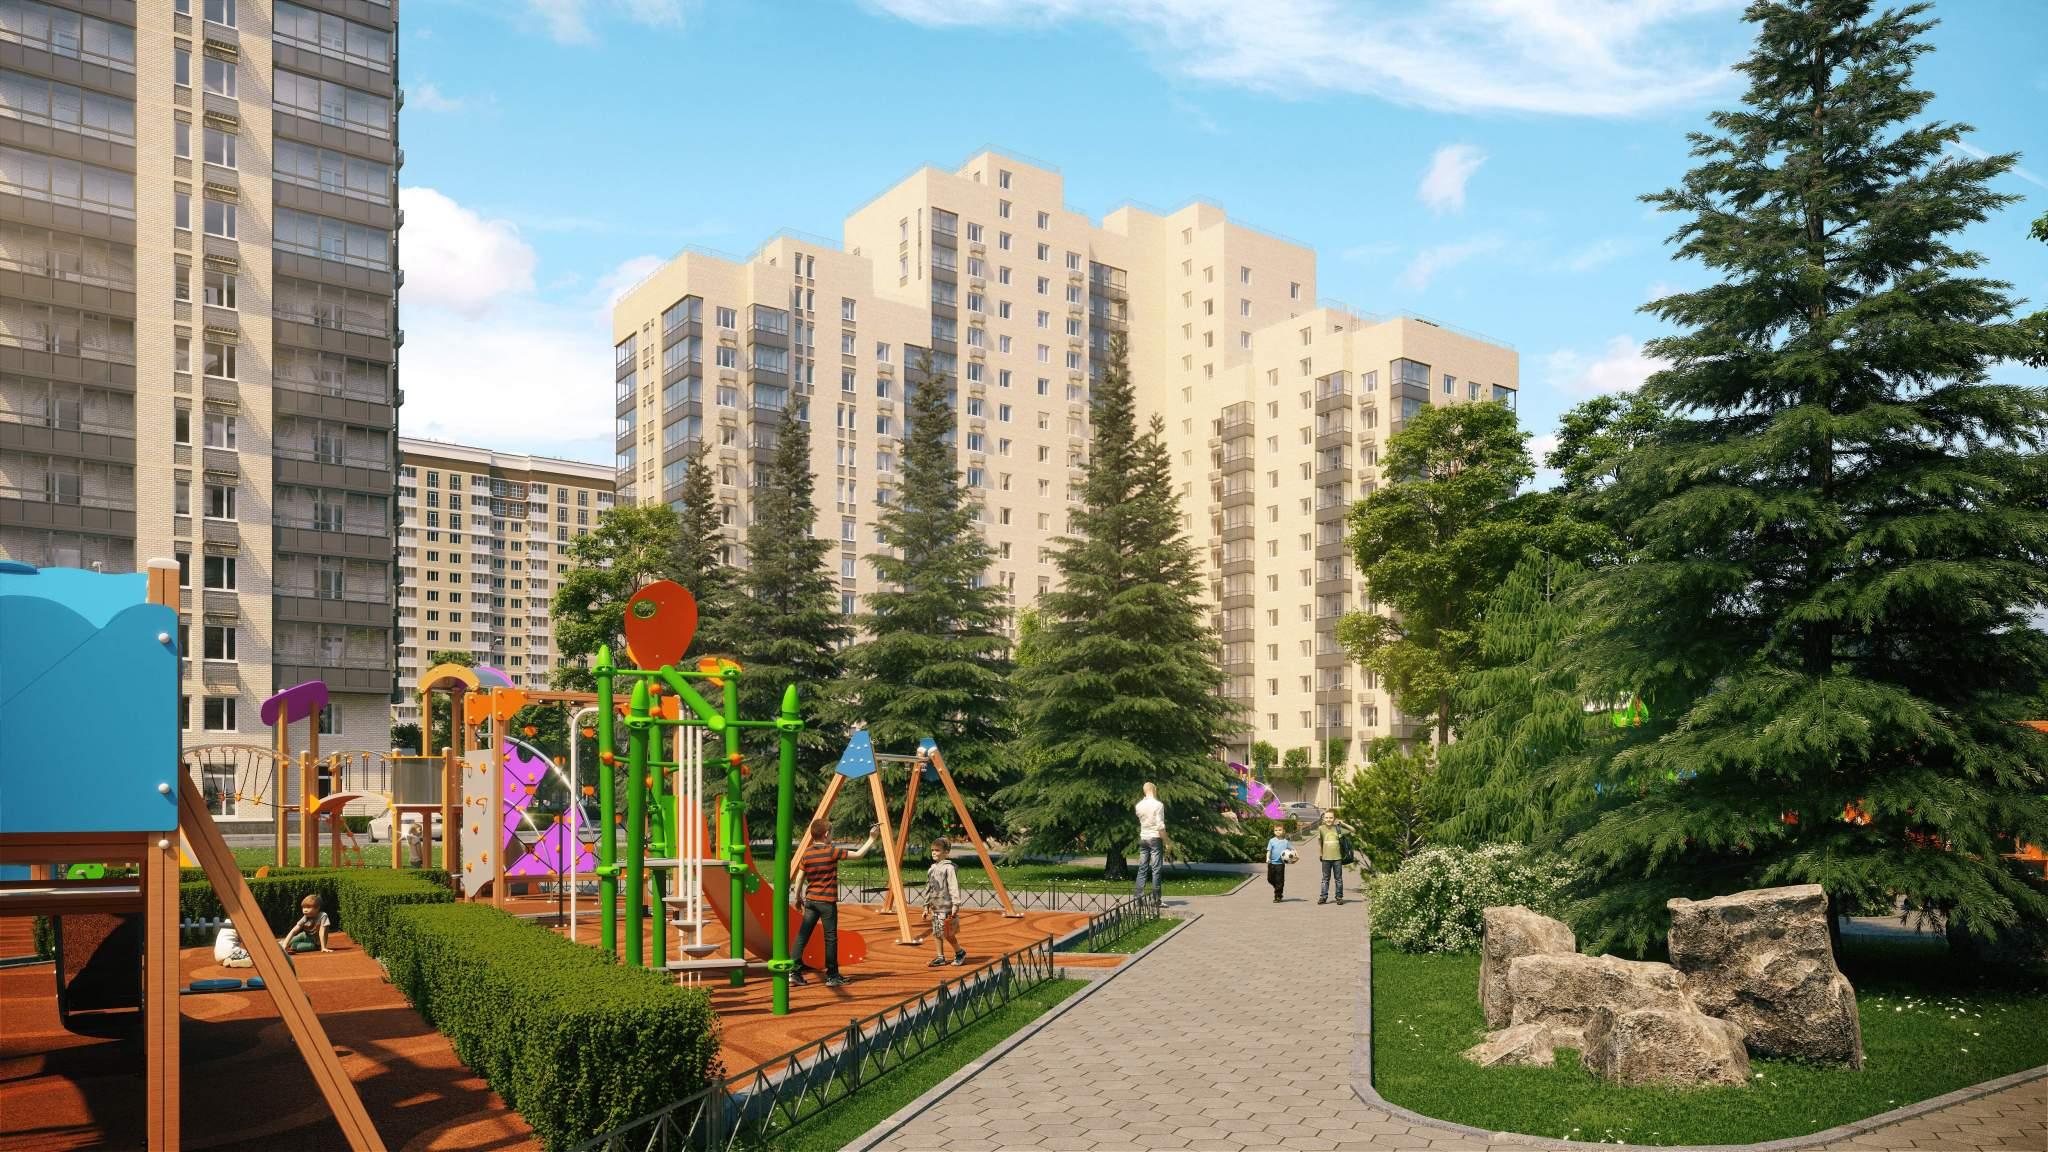 Квартира на продажу по адресу Россия, Московская обл, Люберцы, Камова улица, 9к3